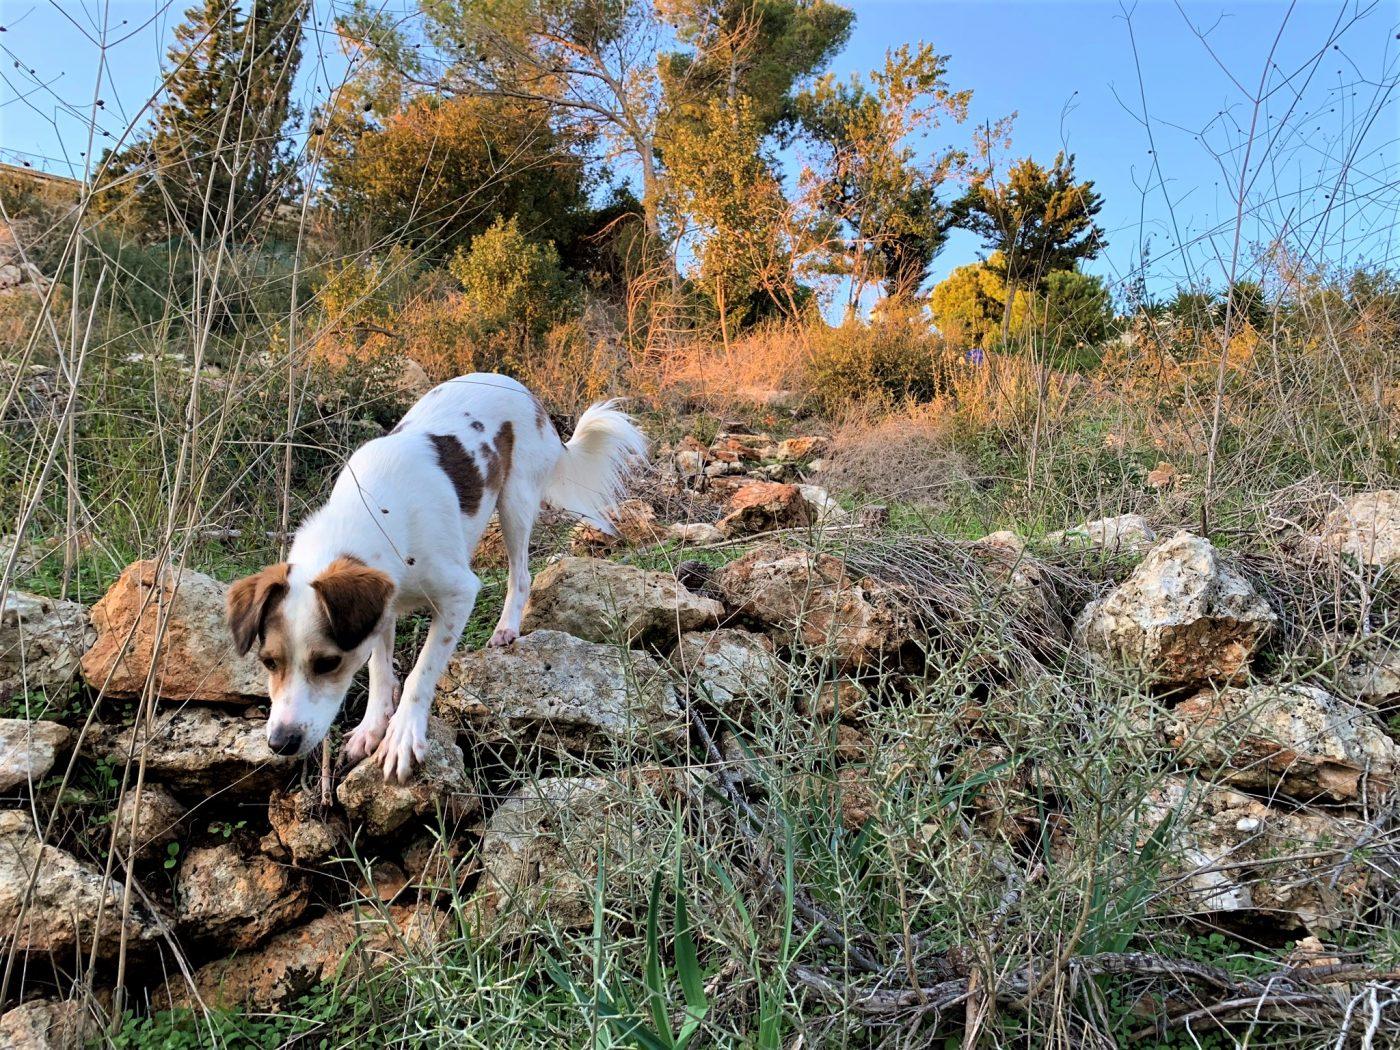 בעקבות נופי הכרמל הקדומים – אל שביל הטראסות של גולדה